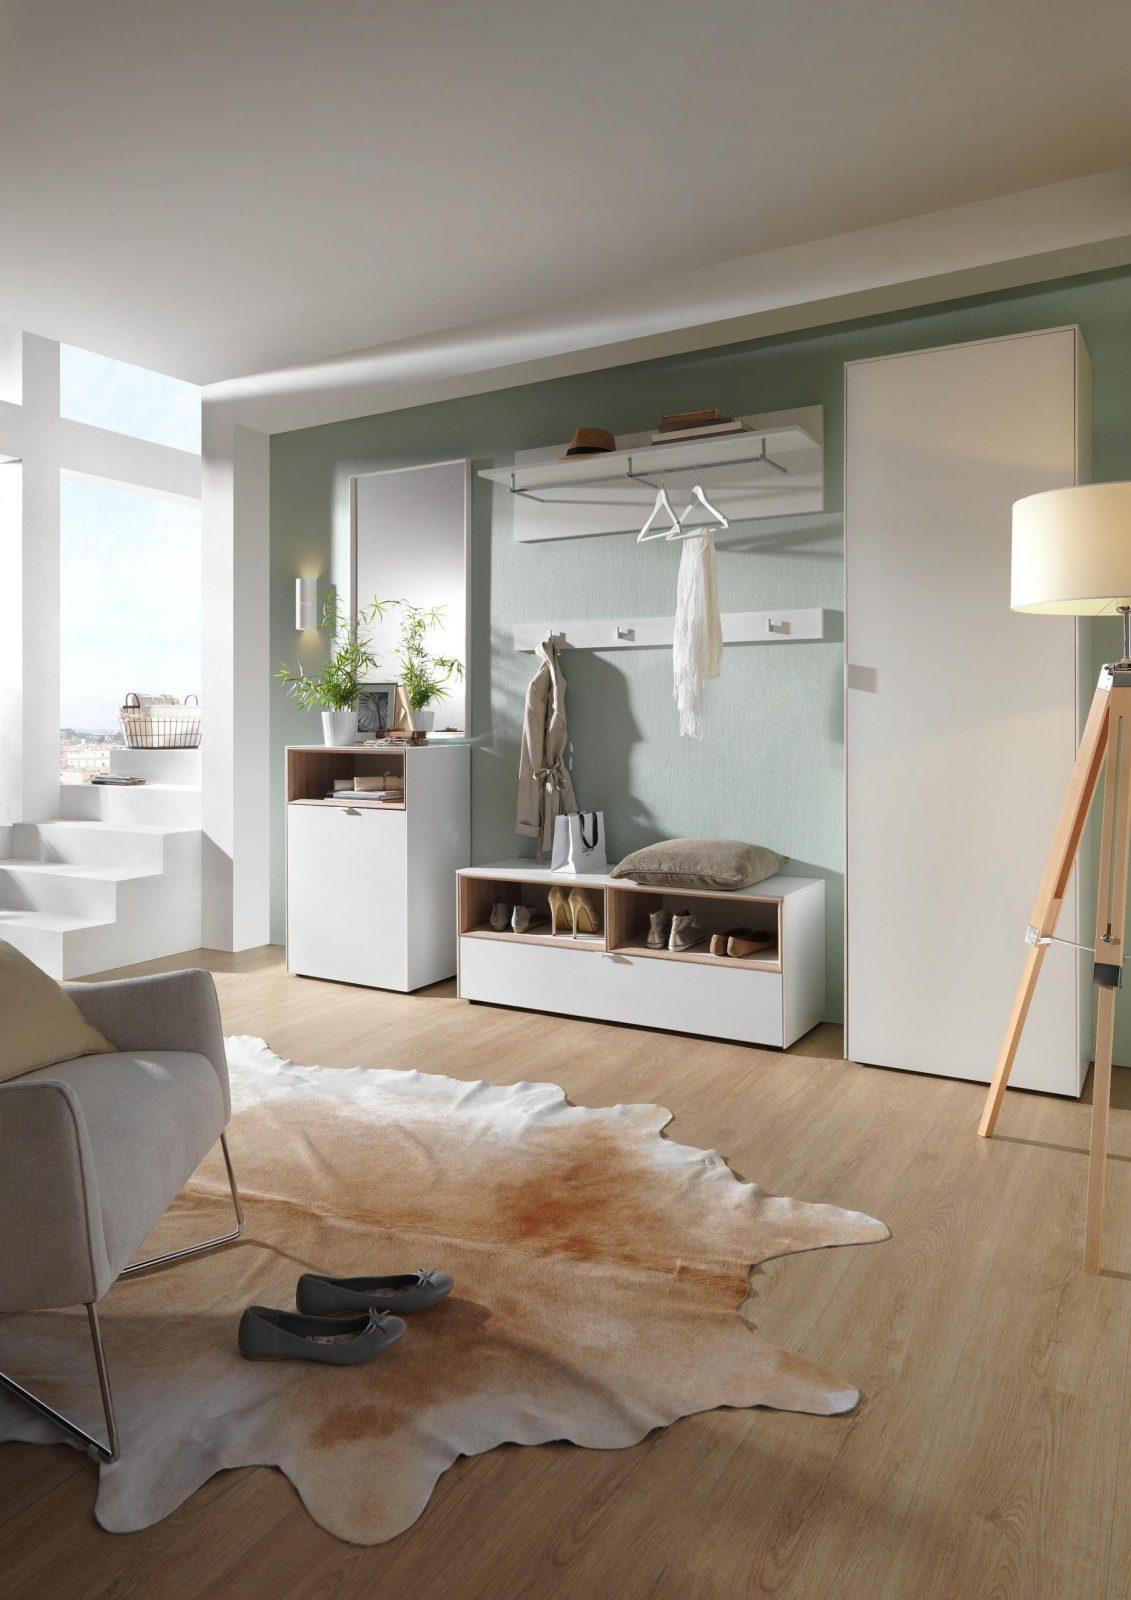 Wohnzimmer decken ideen latest moderne schlaf wohnzimmer for Decken deko wohnzimmer